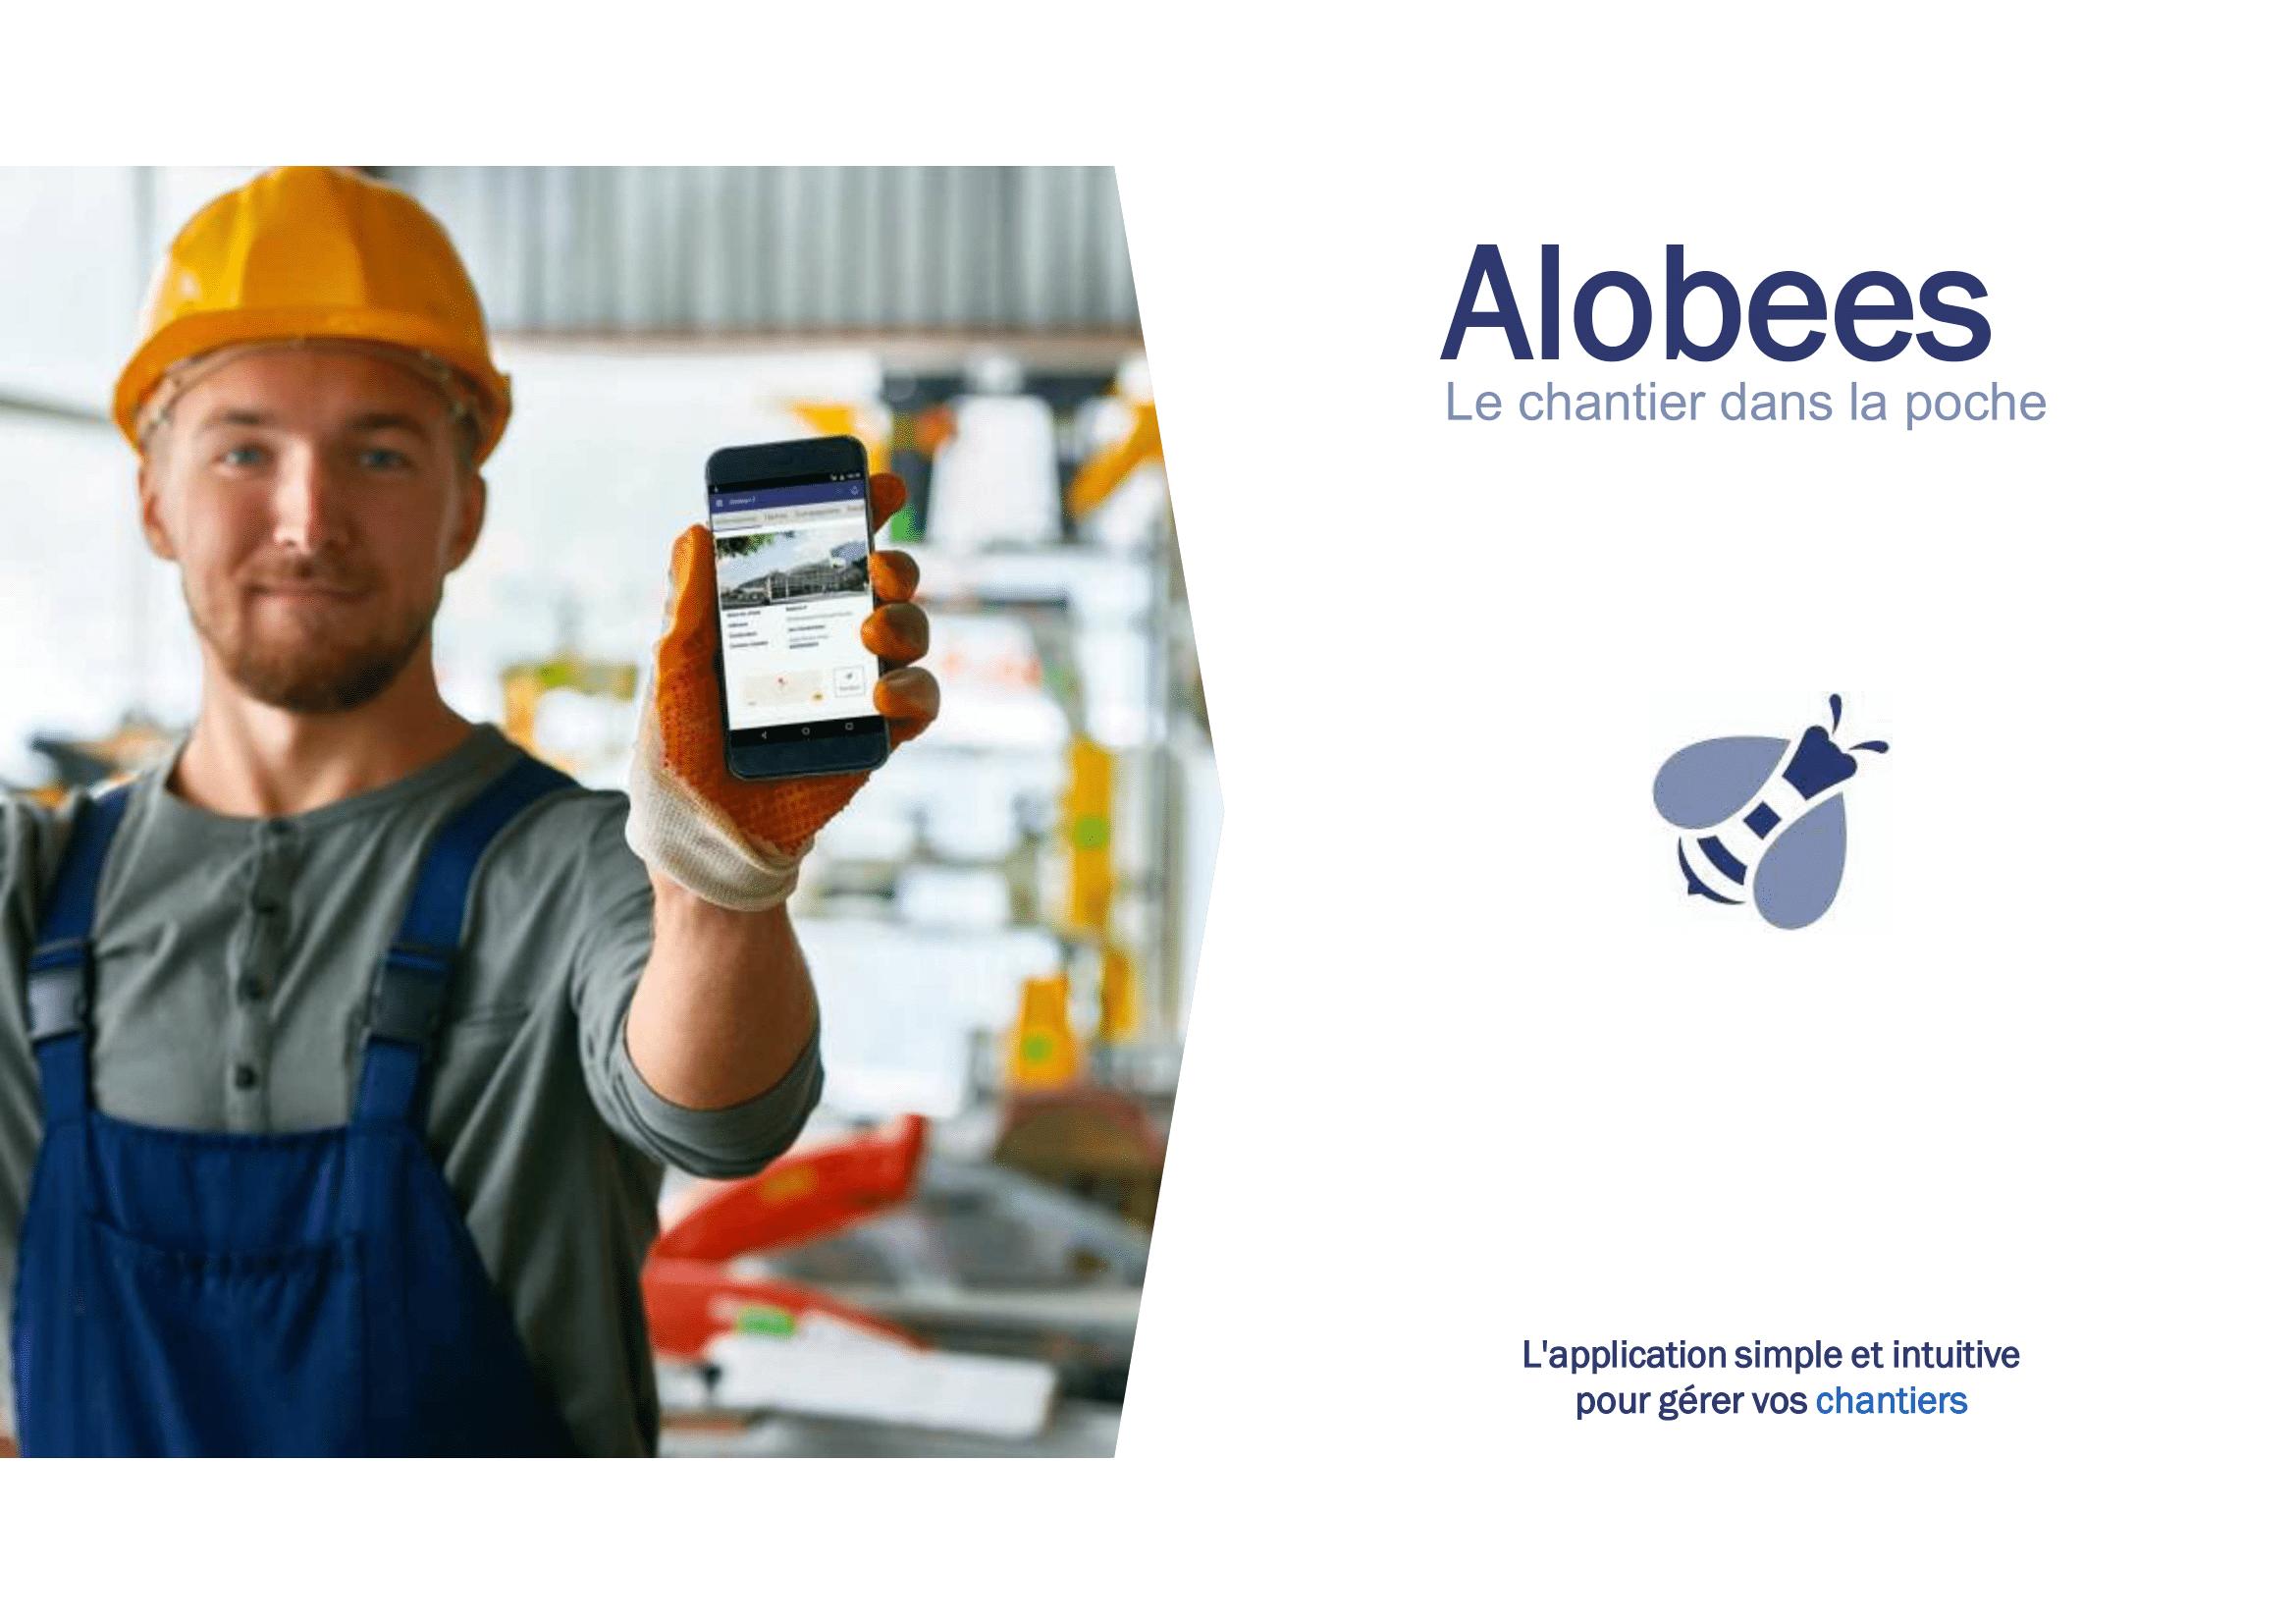 alobees-application-suivi-de-chantier-dans-la-poche